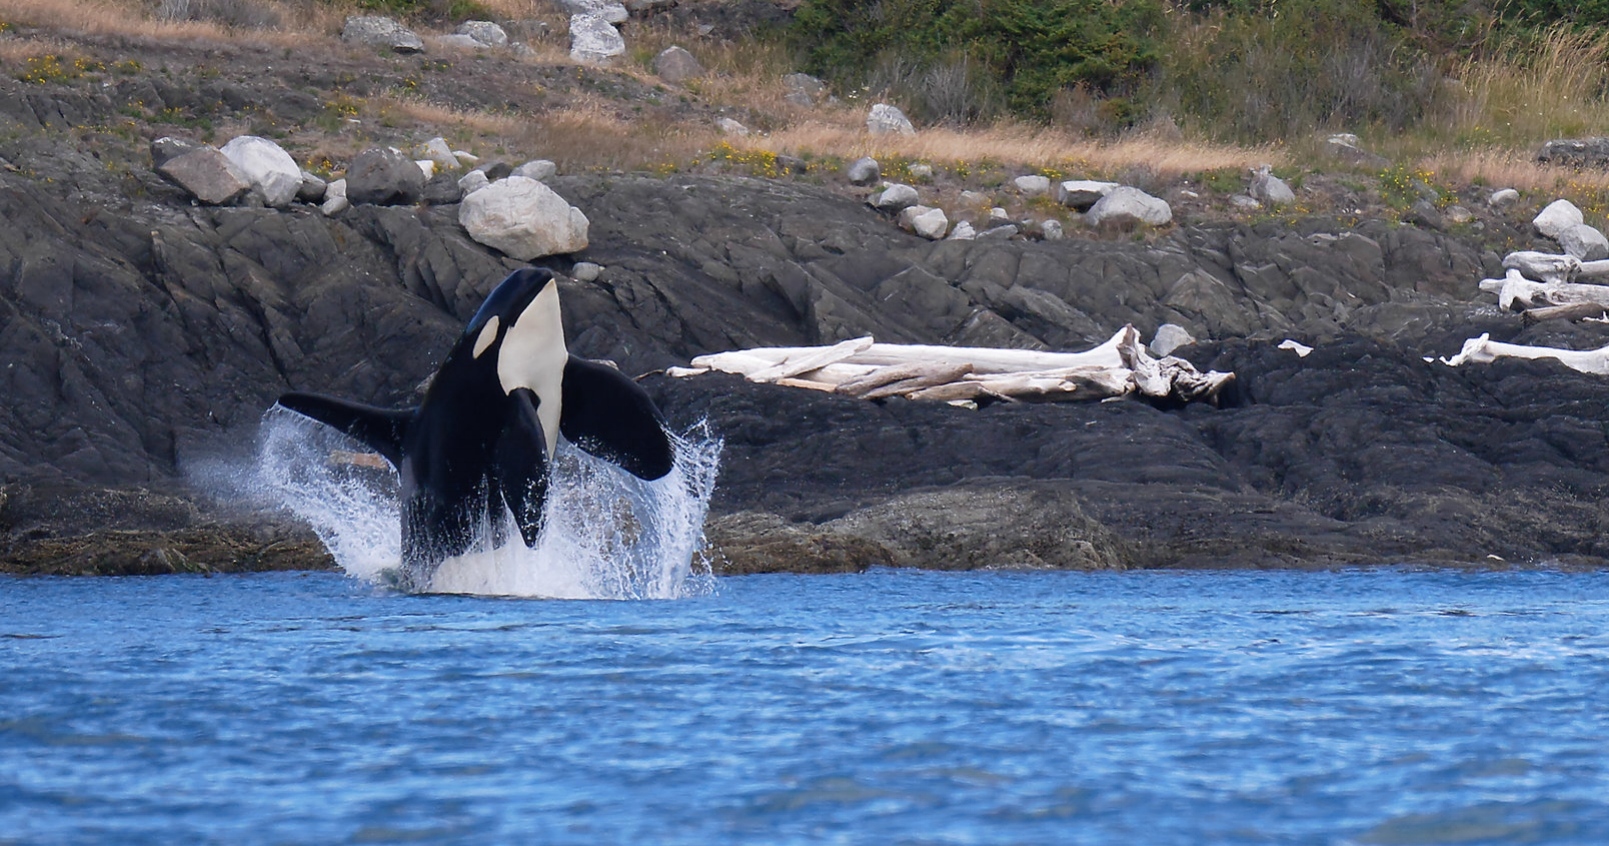 Orca whale breach Chris Pepper